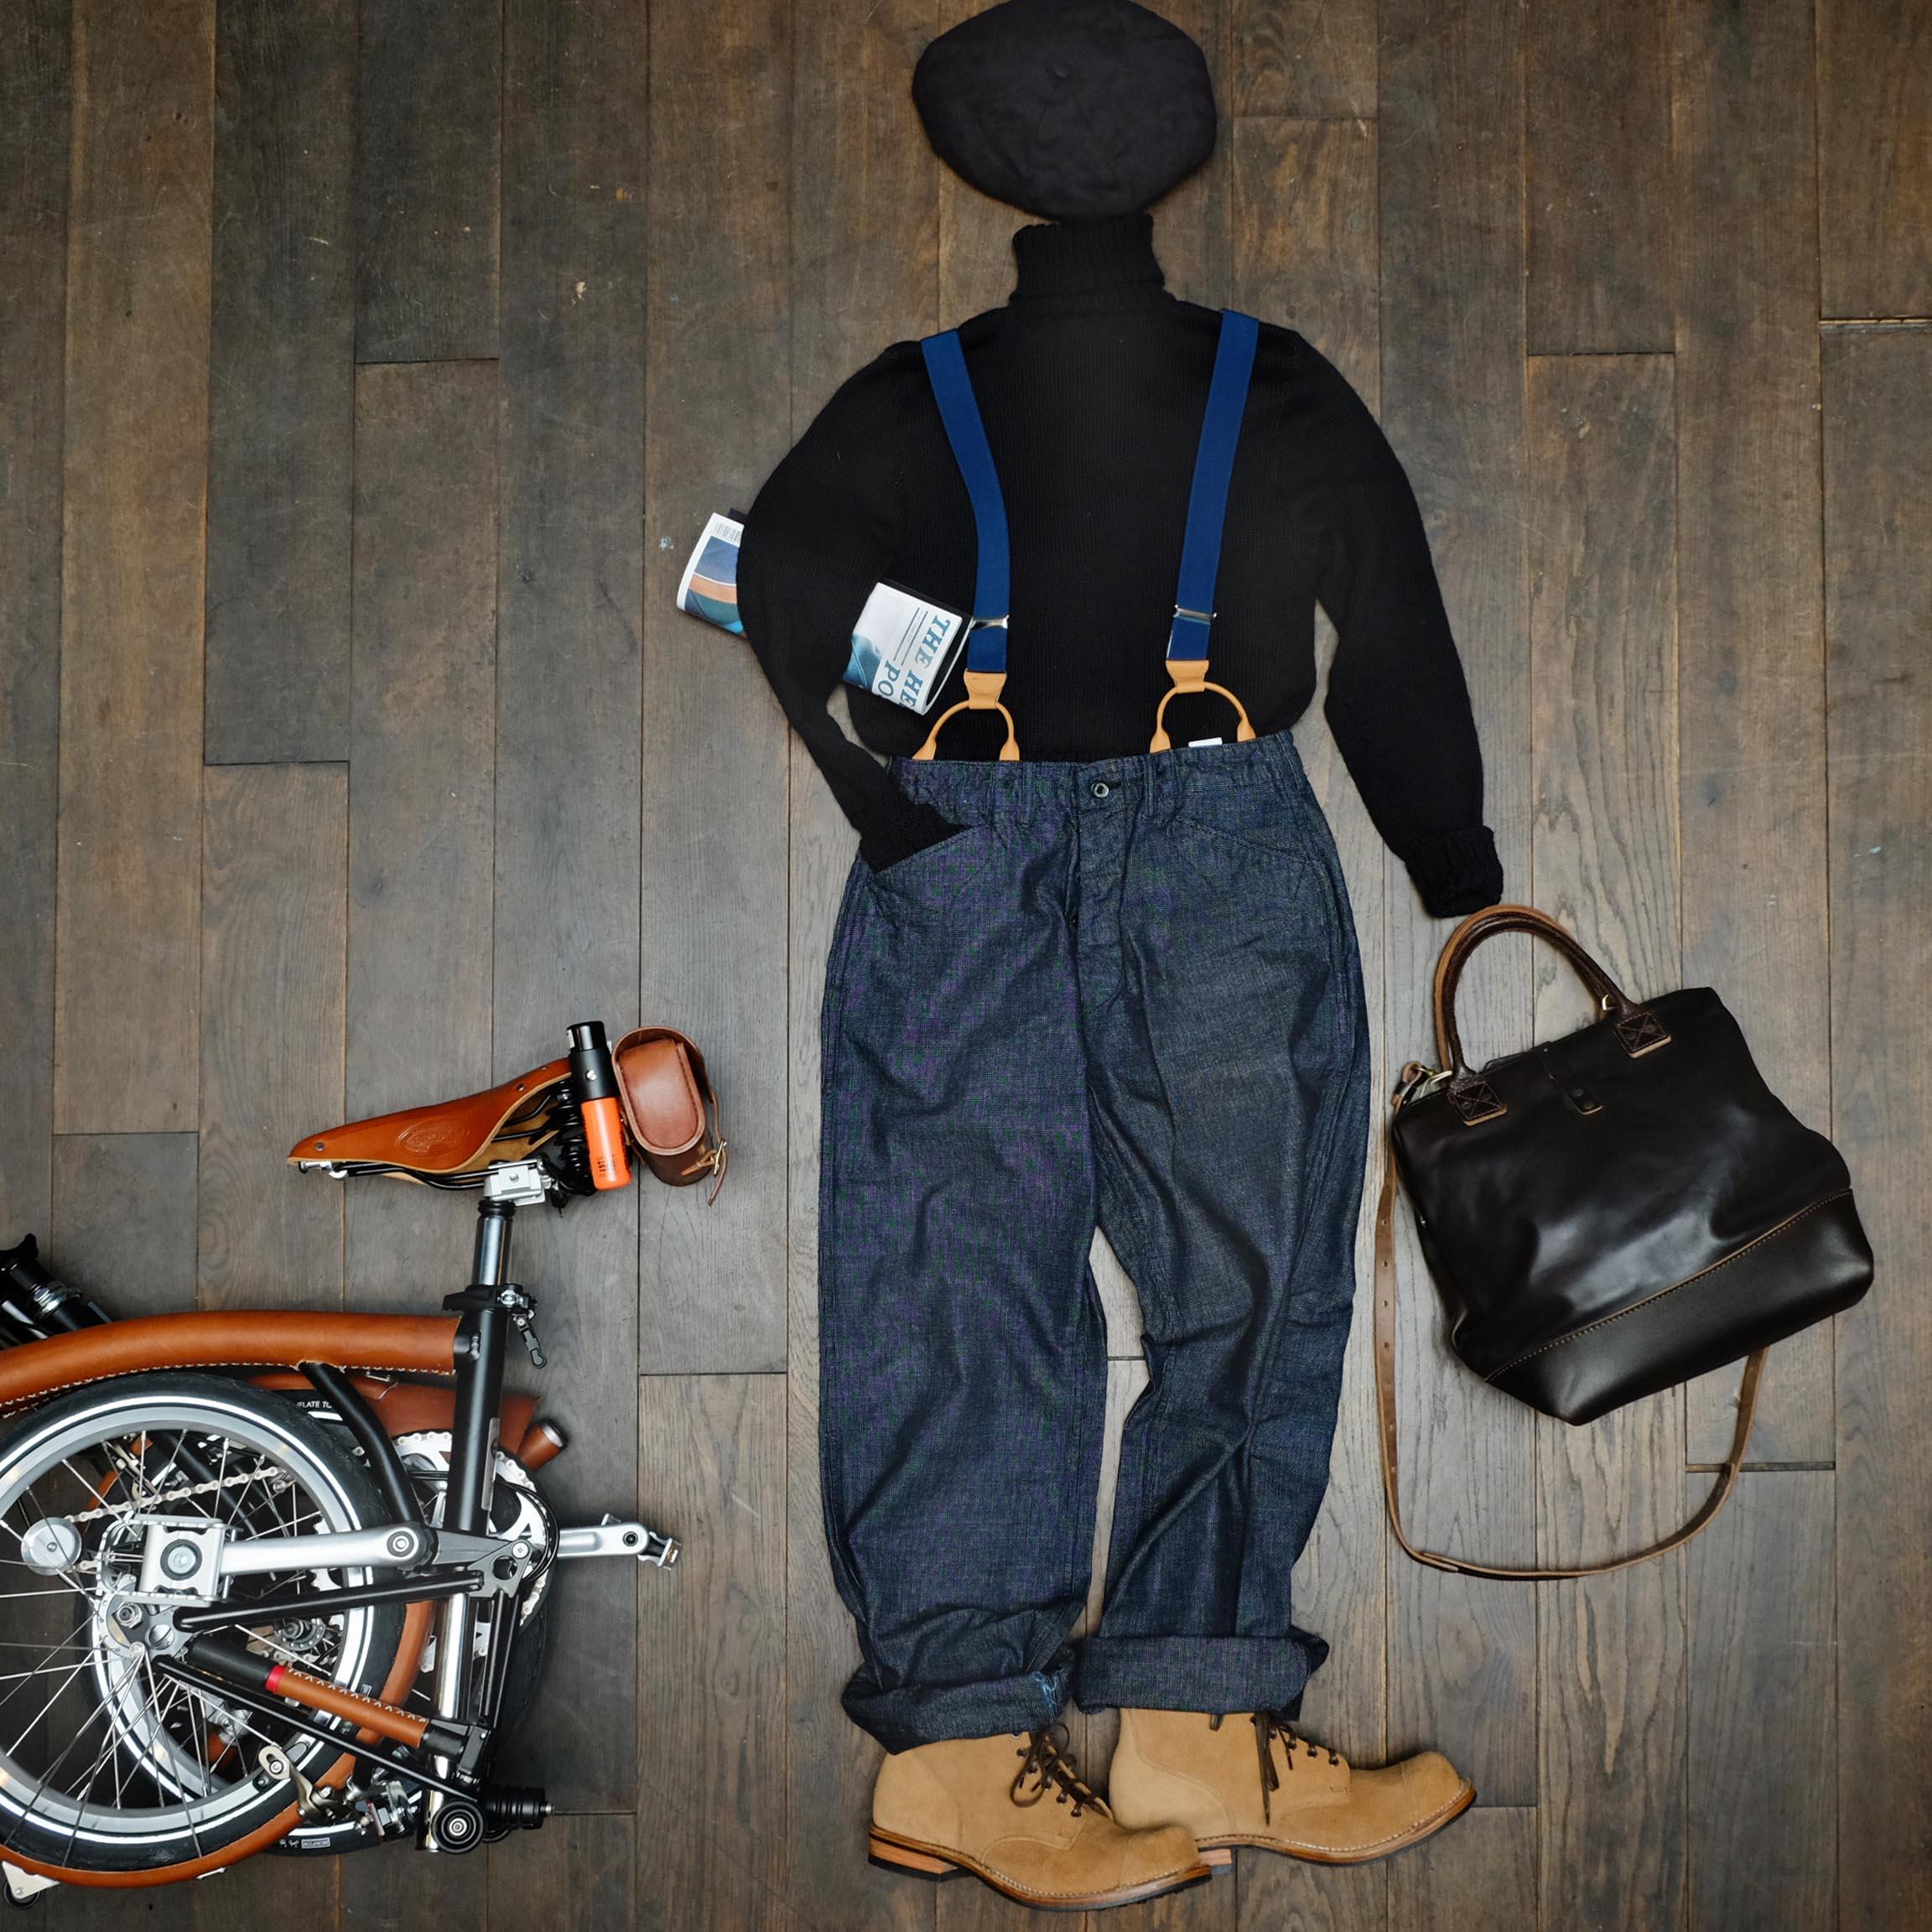 rollkragen-pulli-in-der-hose-hosentraeger-brompton-barett-ca4la-fahrrad-blacksign-billykirk-tasche-outfit